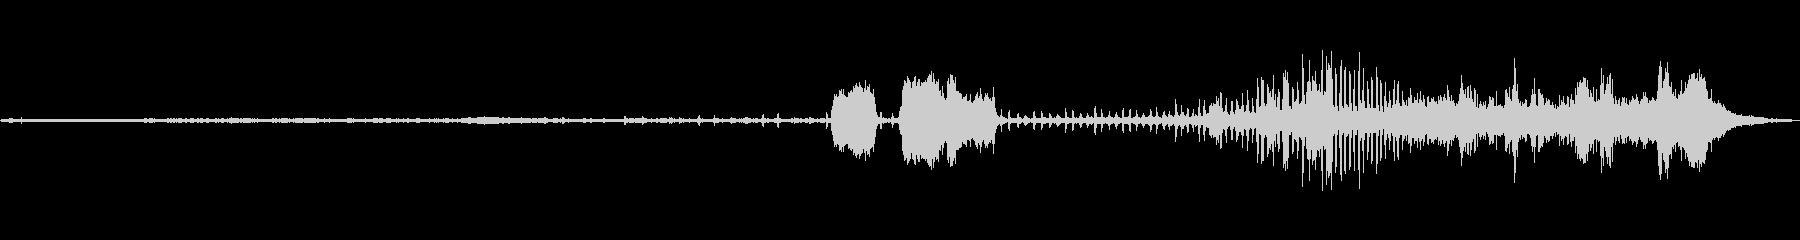 1907ボールドウィン280:遠い...の未再生の波形